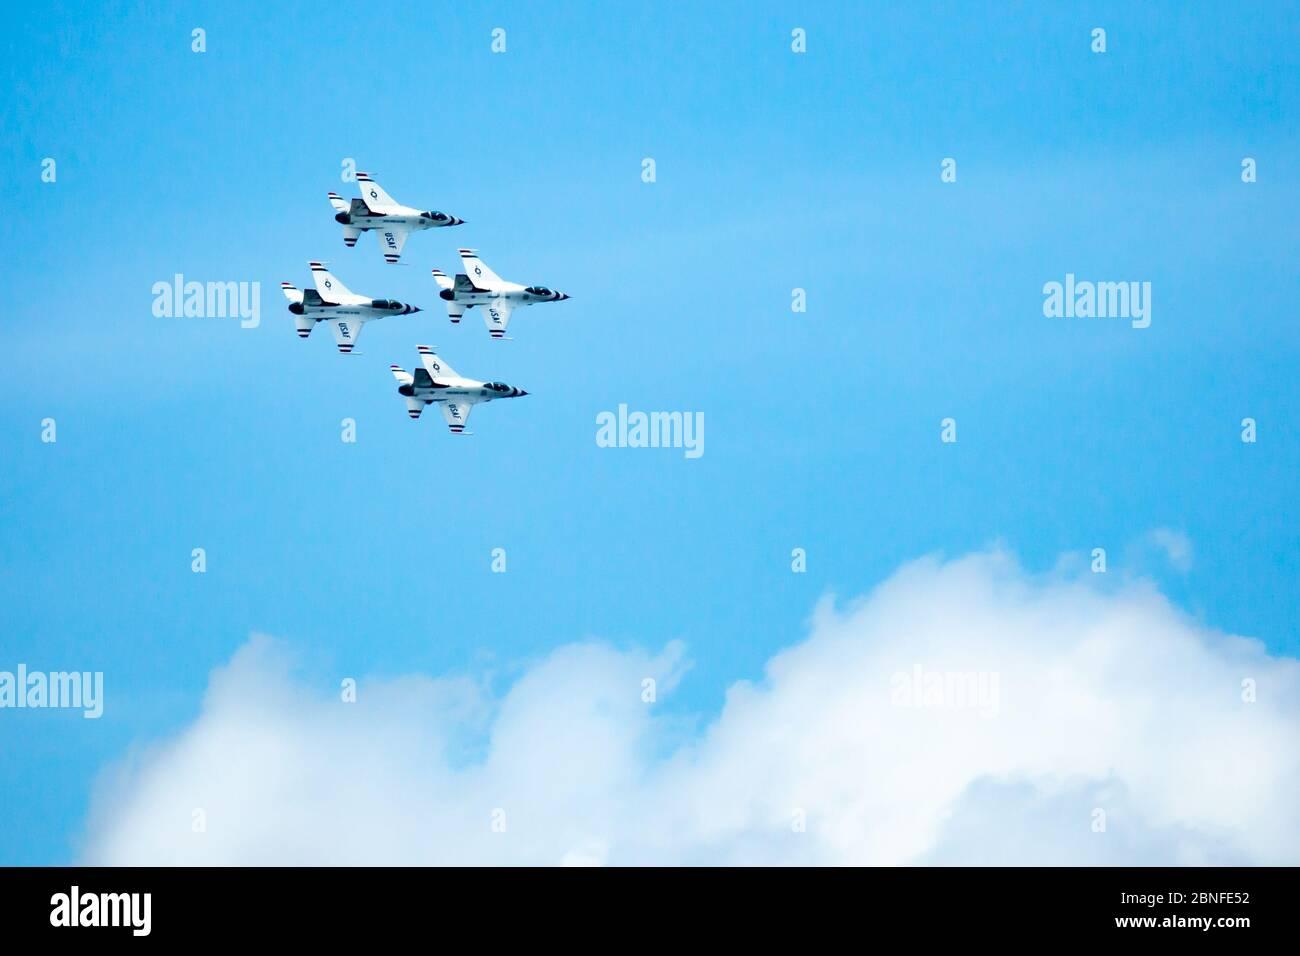 Sioux Falls, SD, USA 17 août 2019 spectacle aérien avec la F16C de l'US Air Force F16C combat les faucons, les Thunderbirds dans un ciel bleu avec espace de copie Banque D'Images